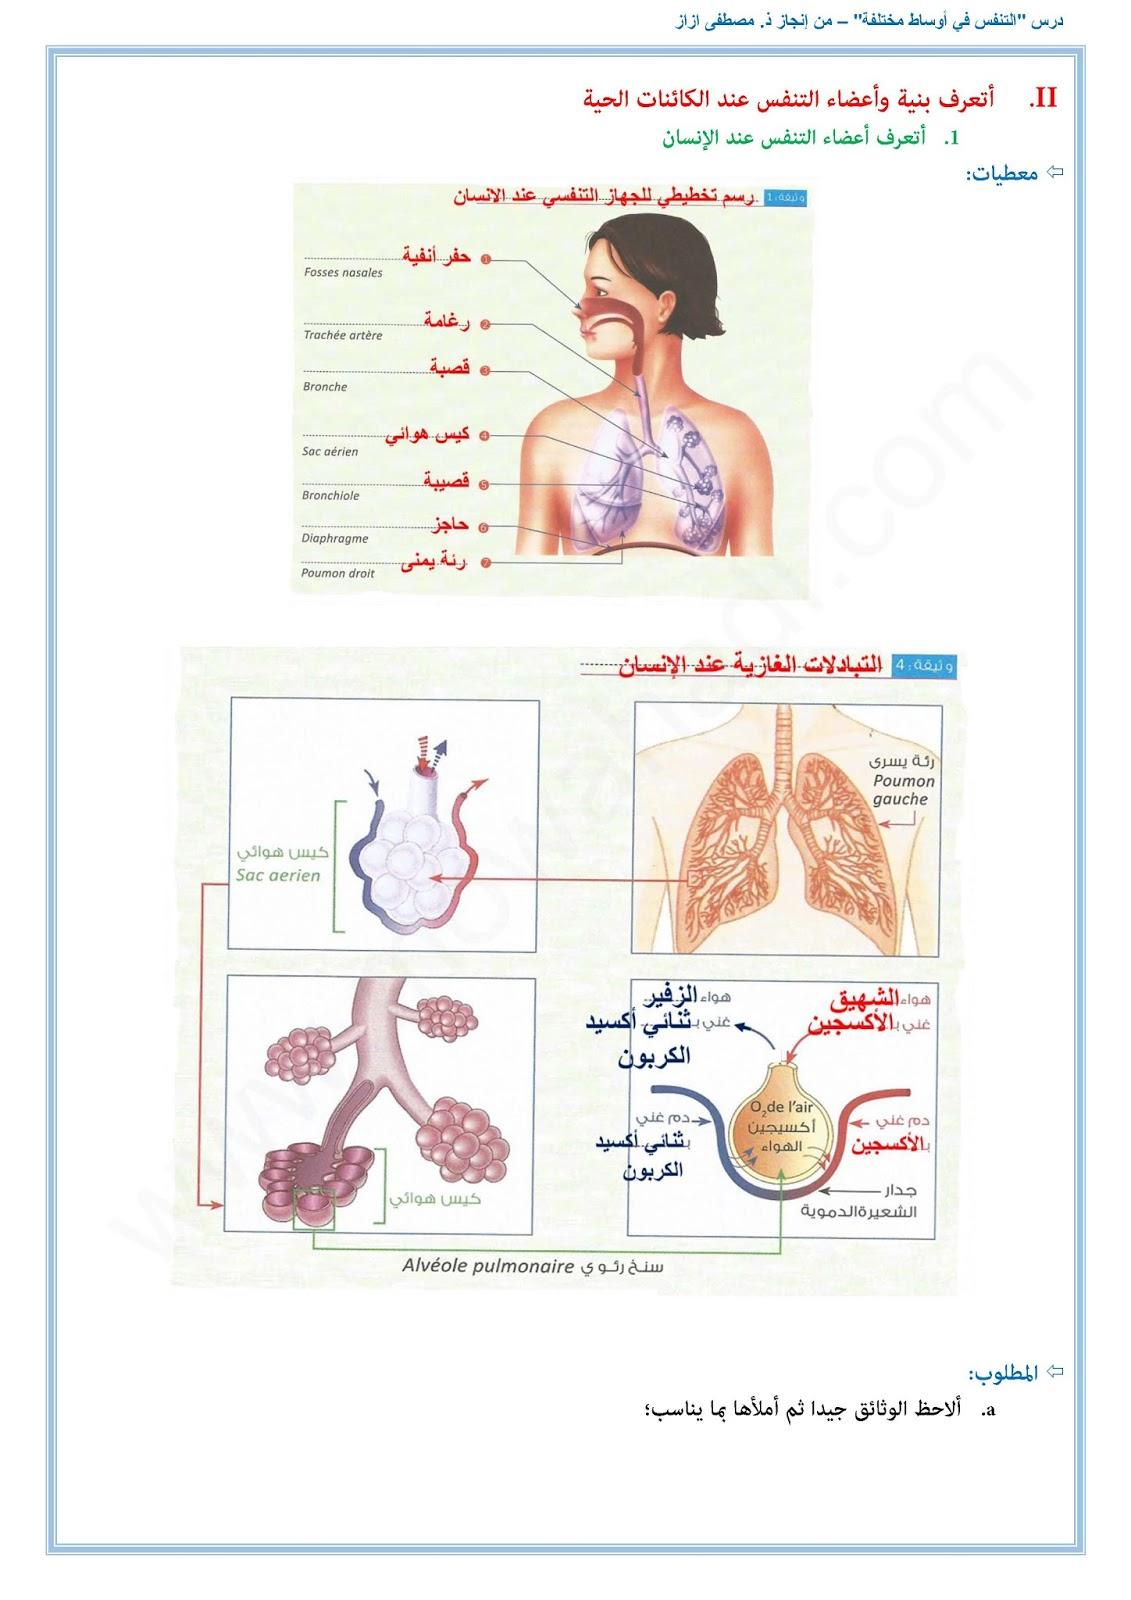 التنفس في أوساط مختلفة4